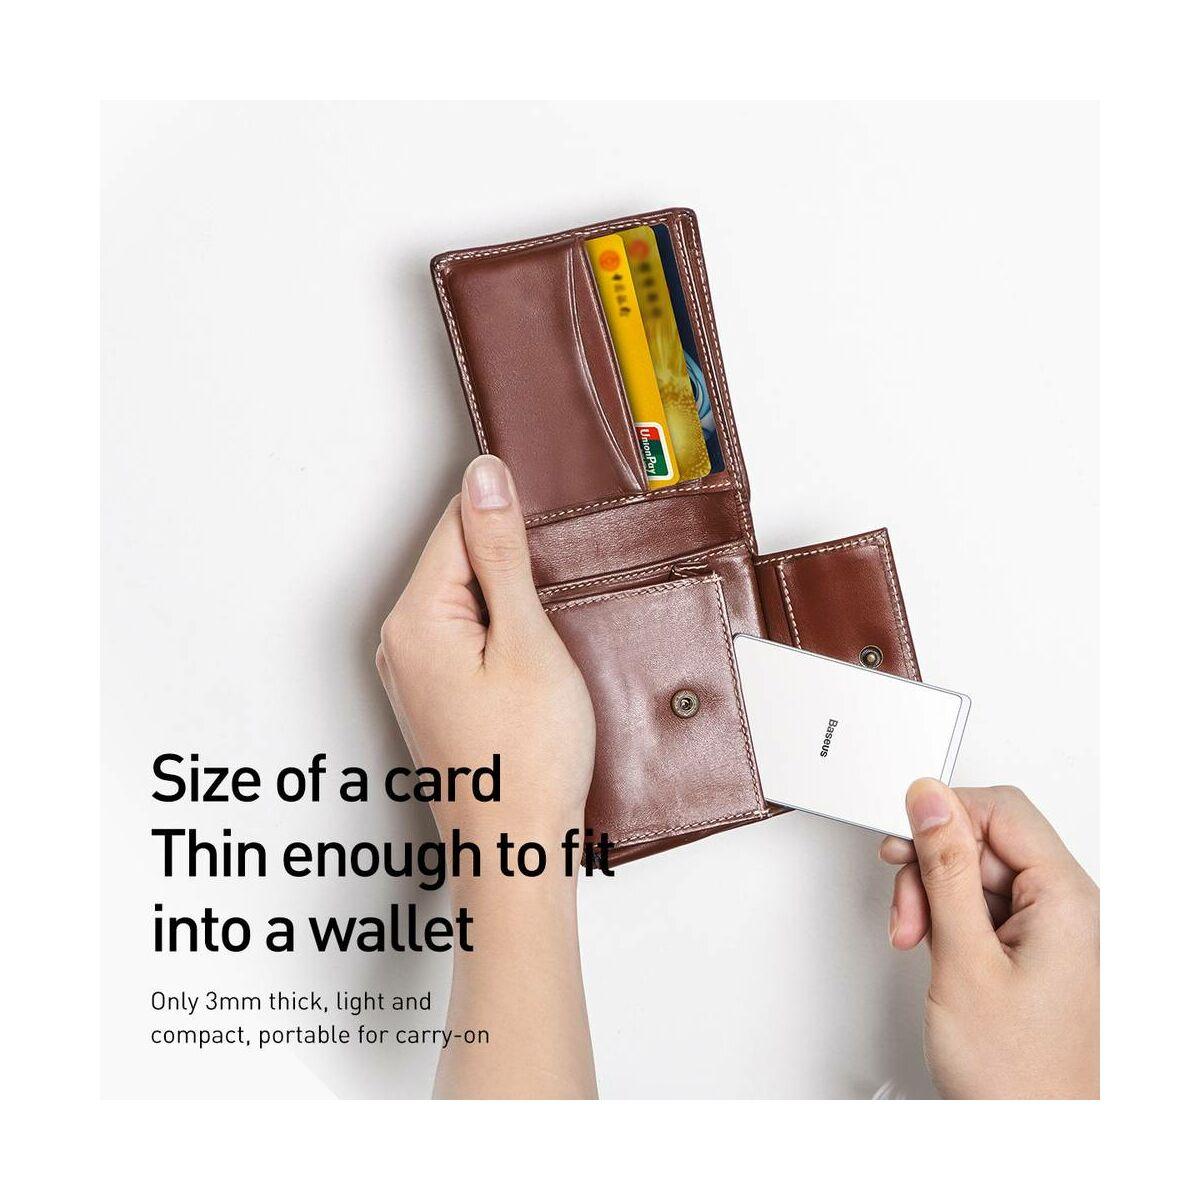 Baseus vezeték nélküli töltő, Ultra-thin Card 15W (beépített 1m USB kábellel), ezüst/fehér (WX01B-S2)